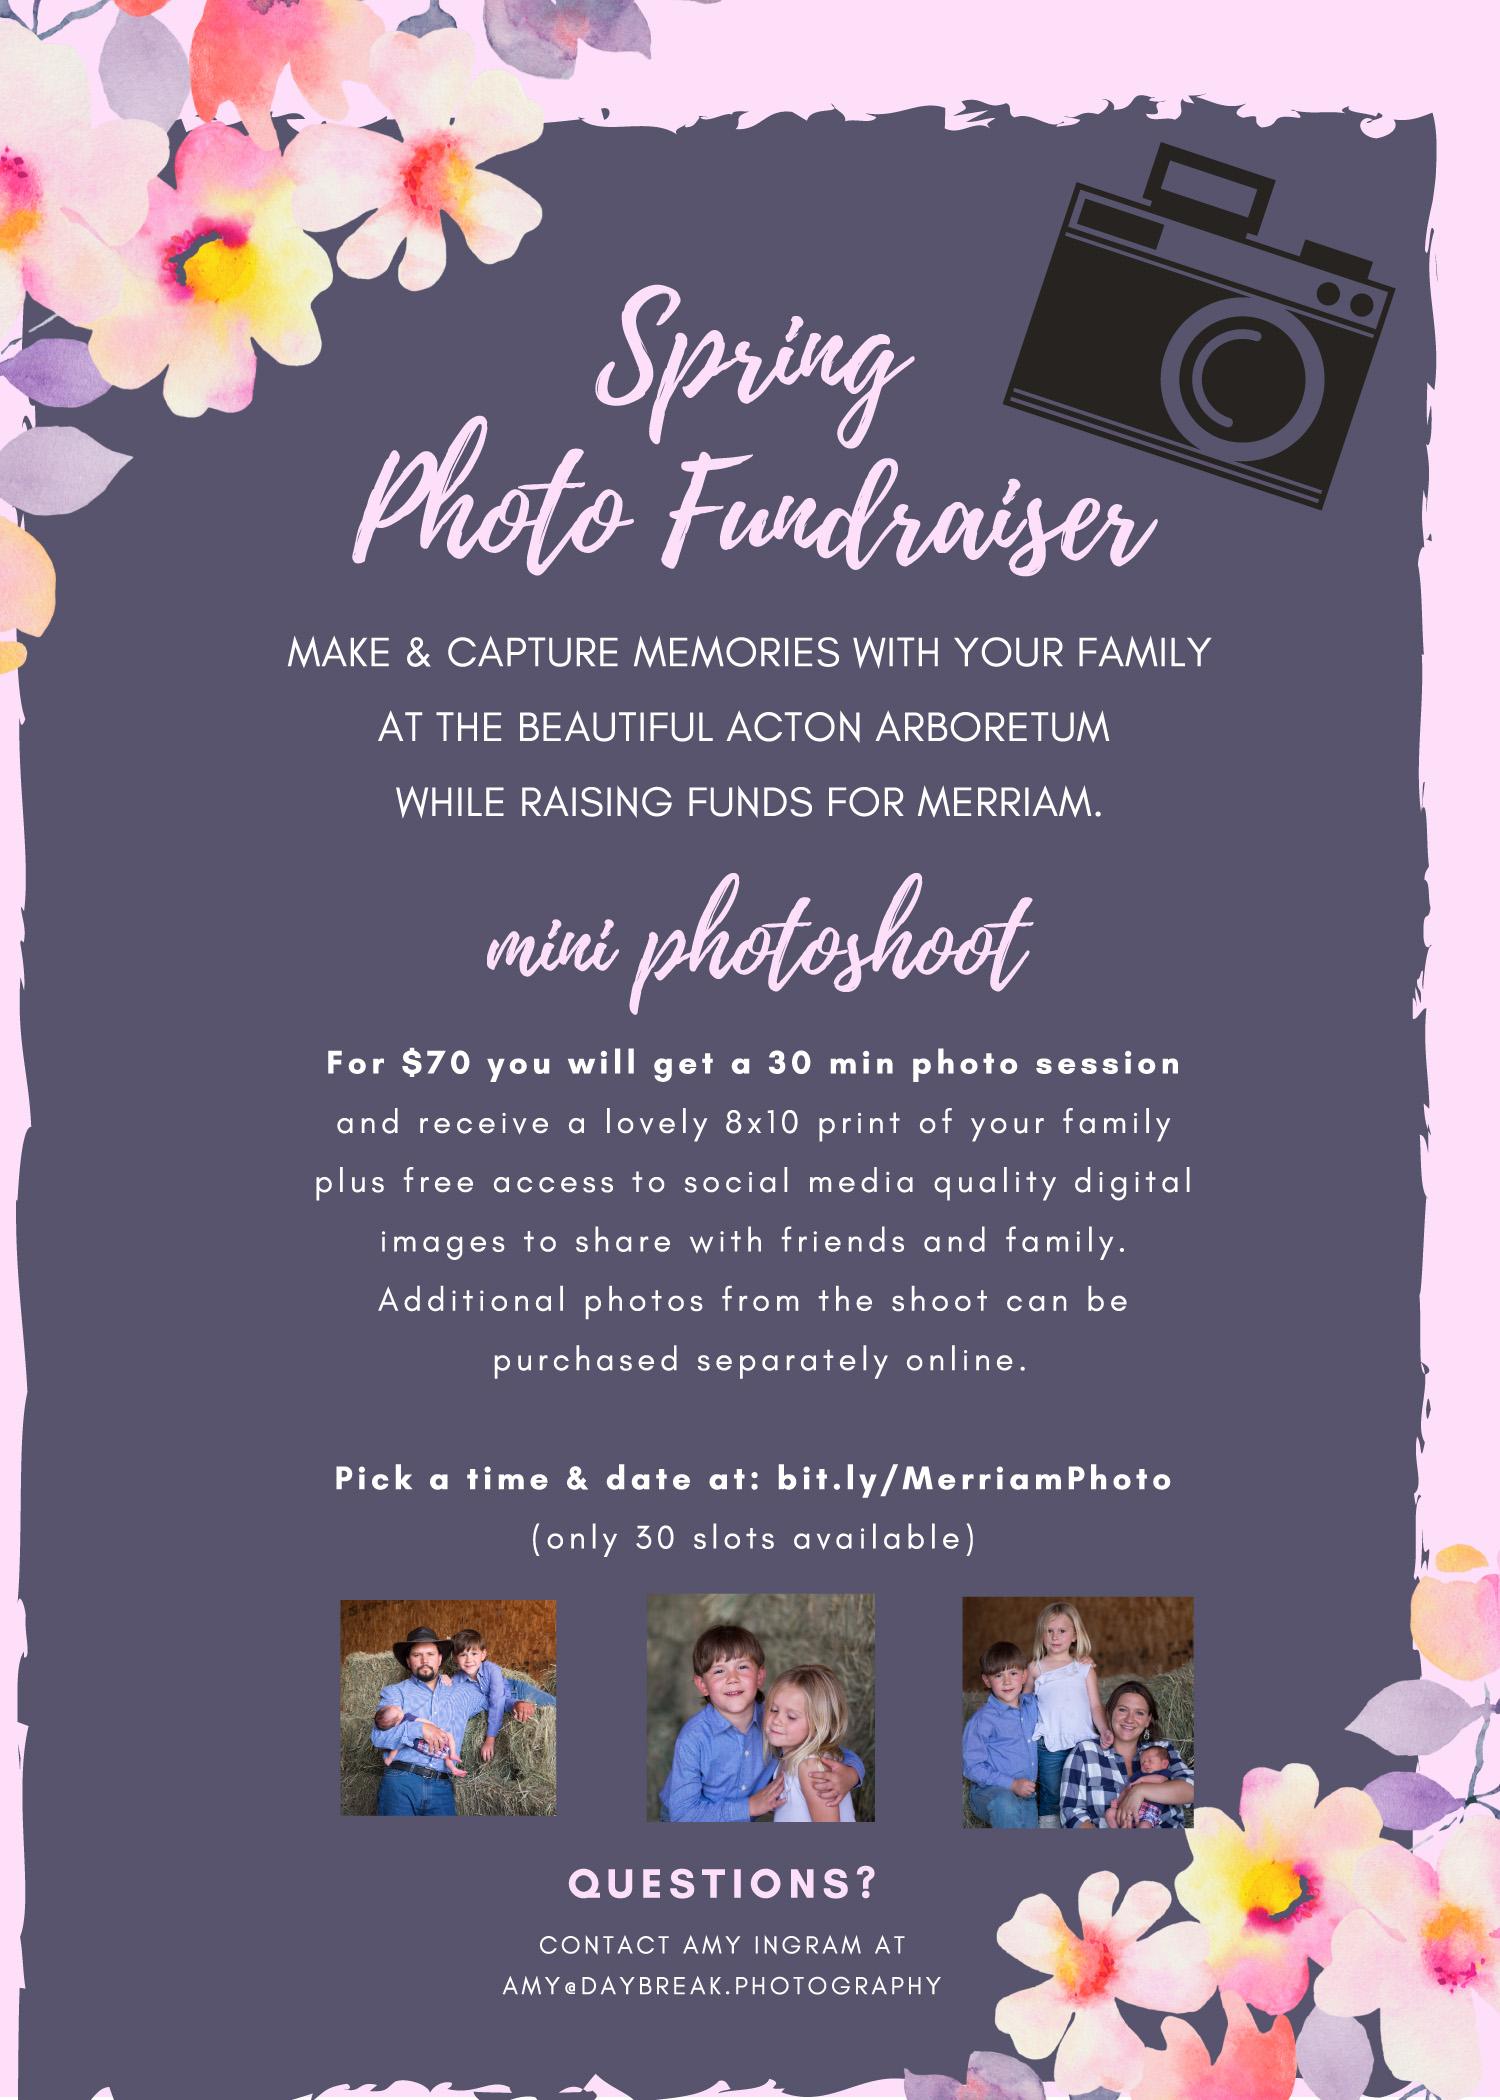 Merriam Spring Photo Fundraiser @ Acton Arboretum | Acton | Massachusetts | United States